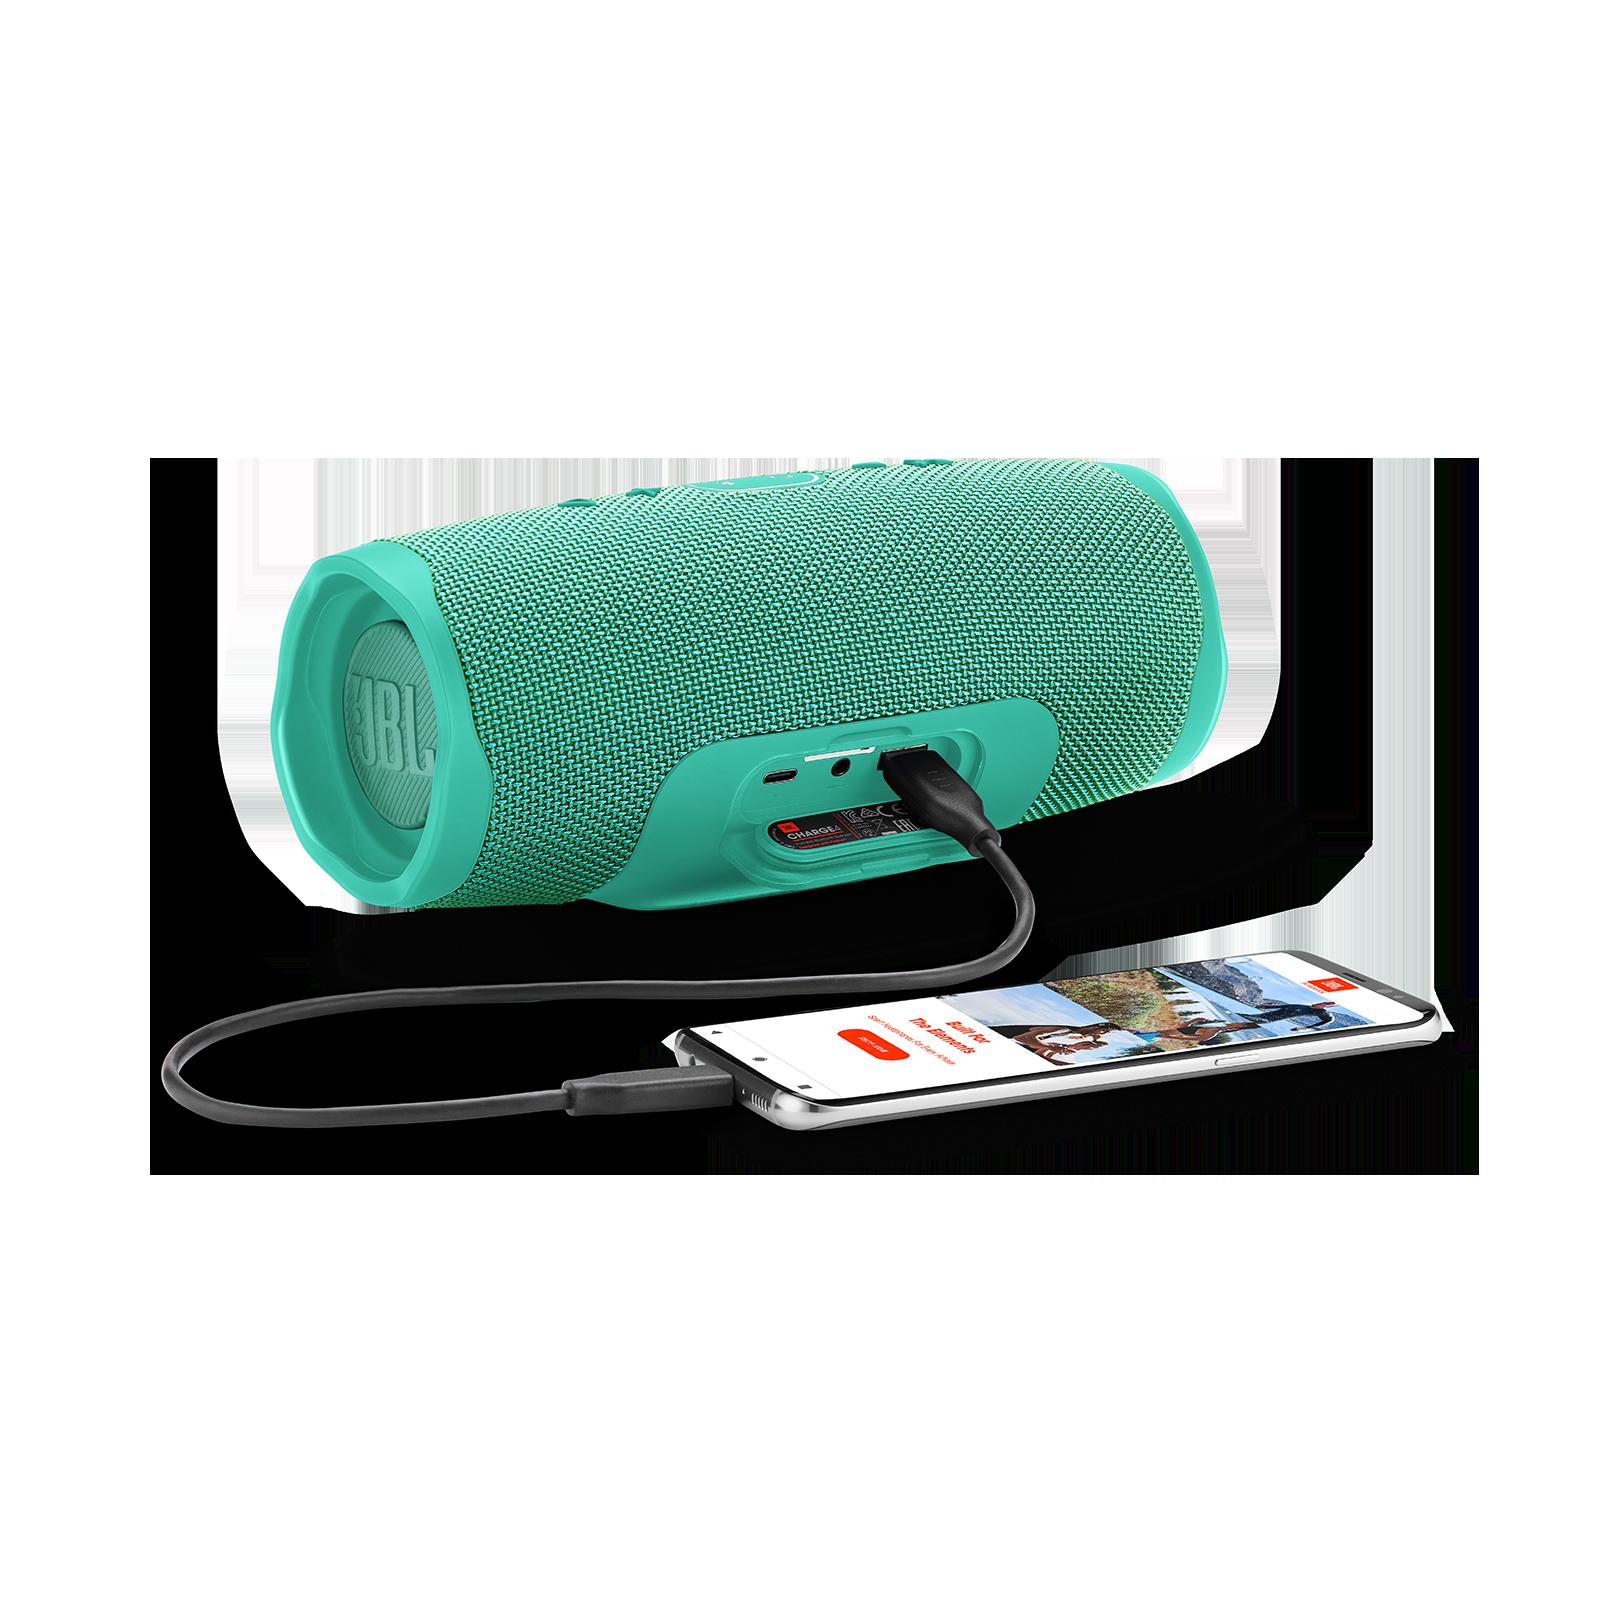 JBL Charge 4 - Teal - Portable Bluetooth speaker - Detailshot 4